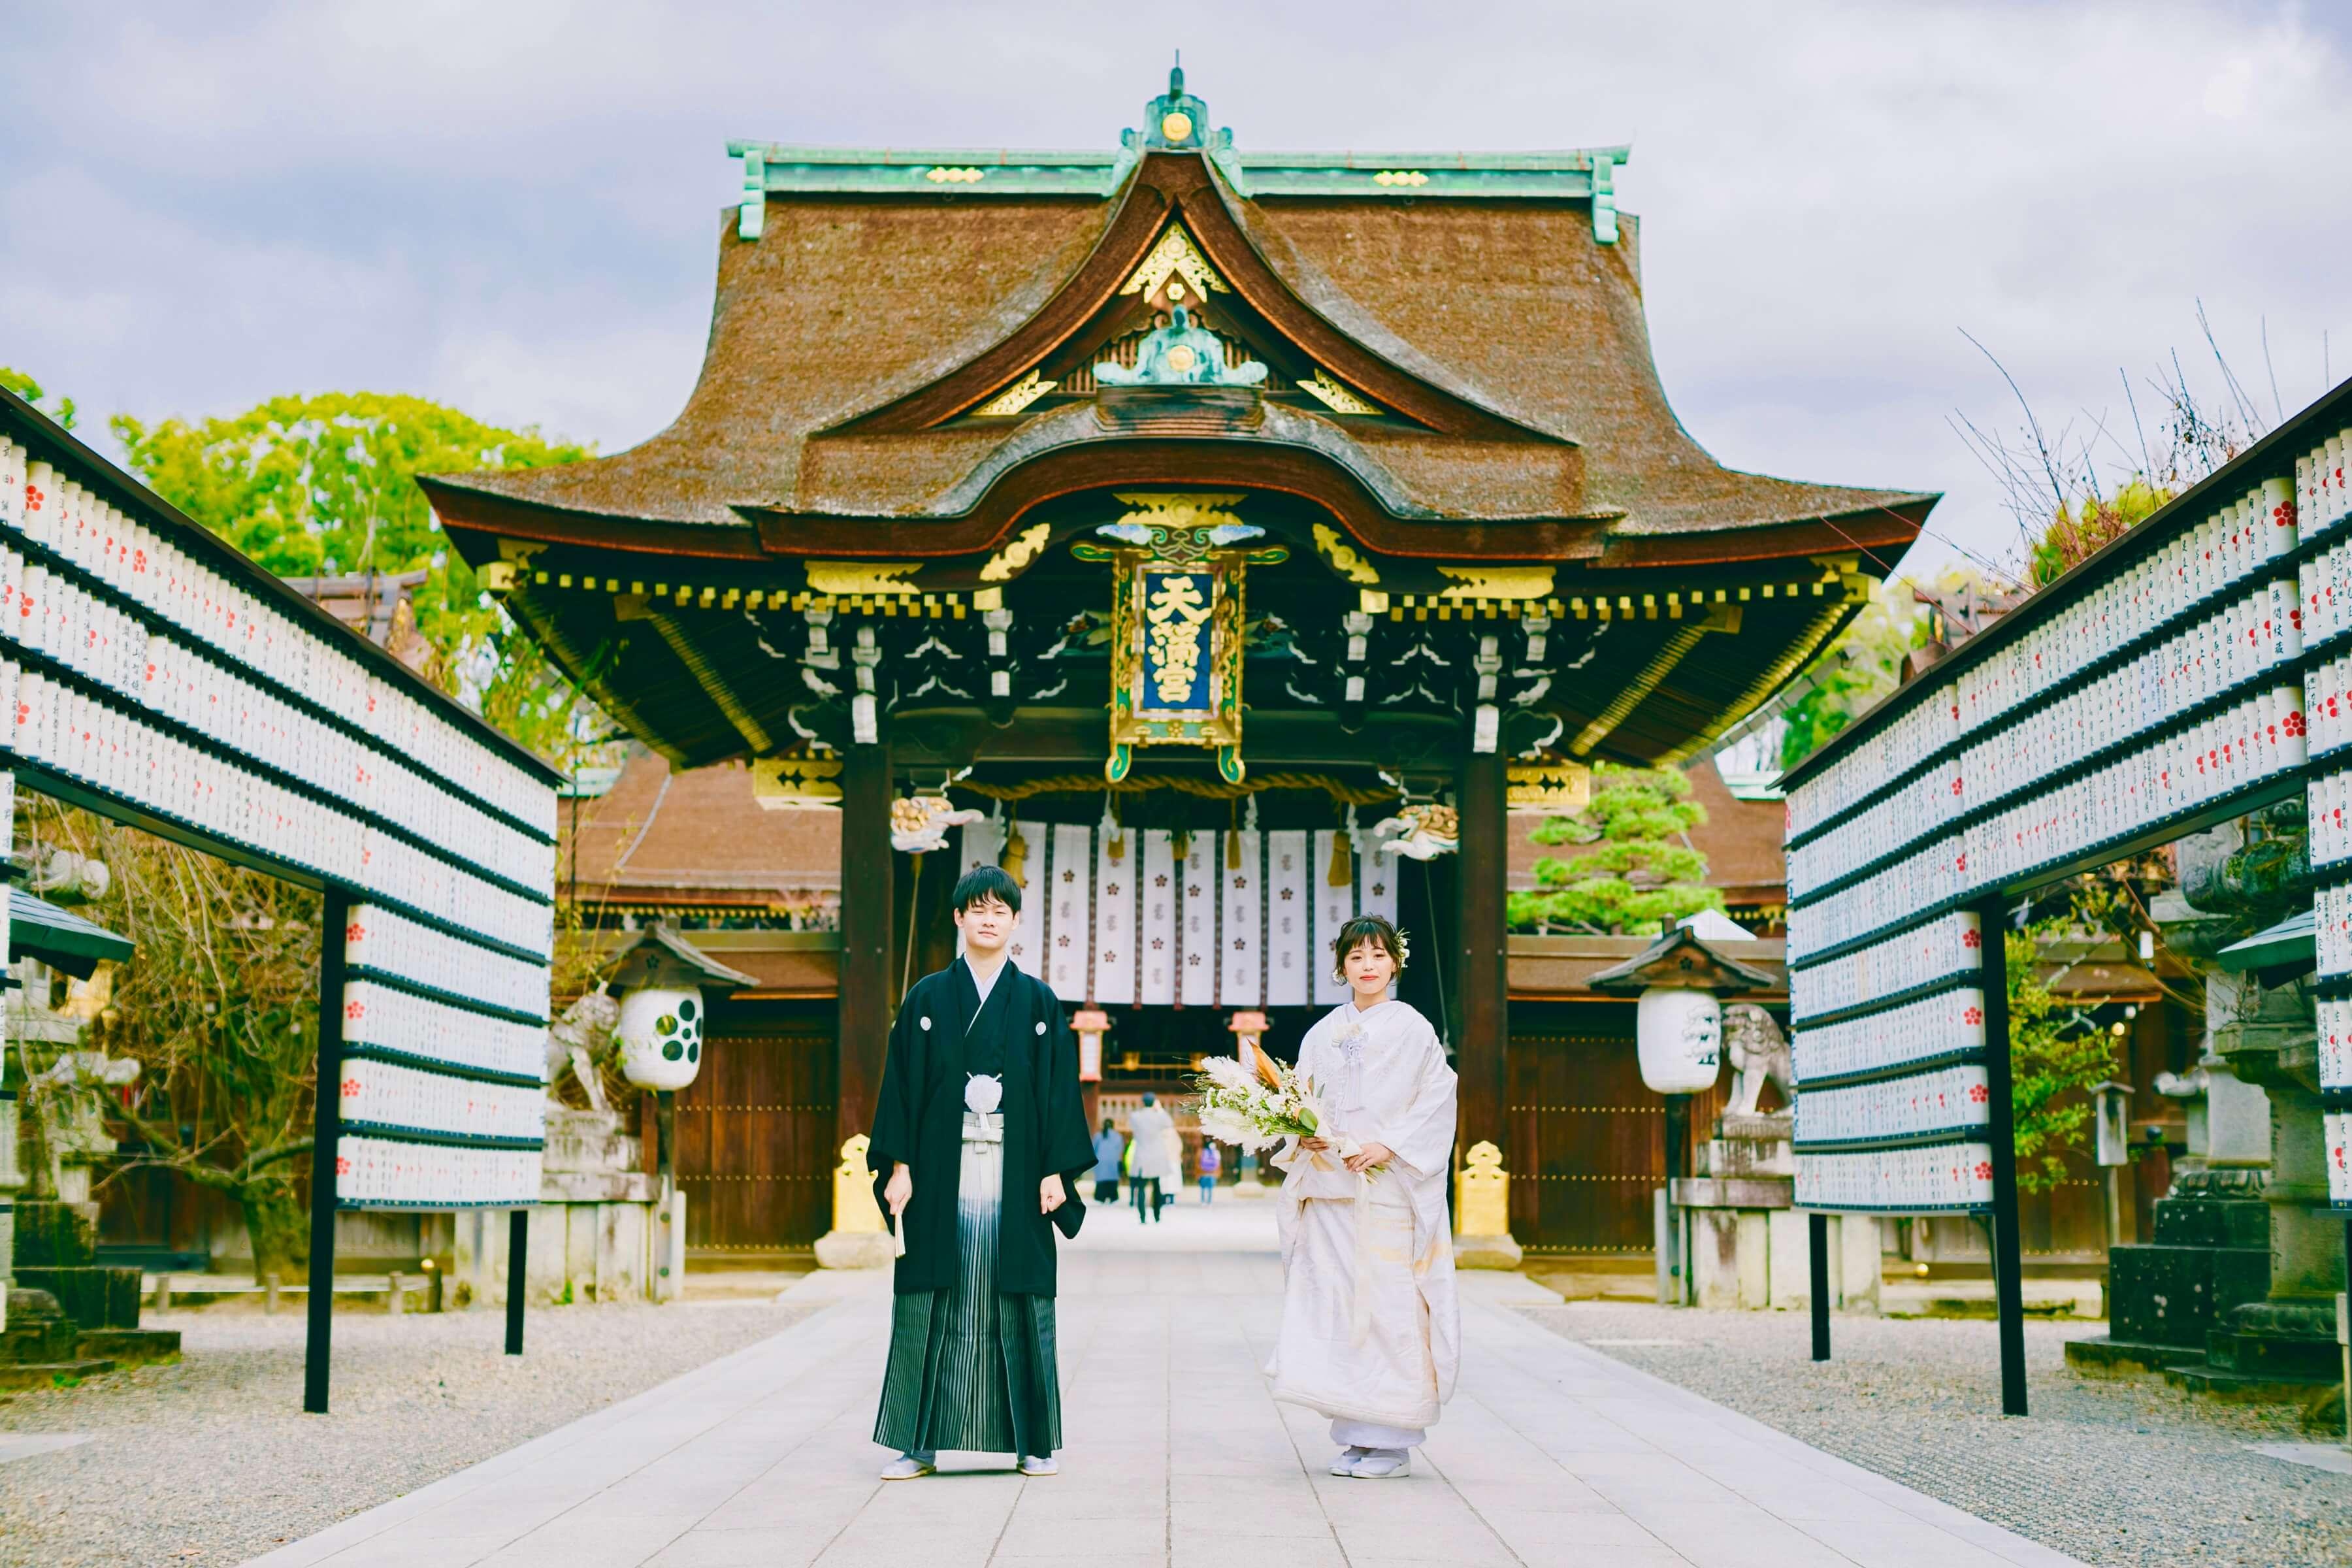 京都 北野天満宮(結婚奉告祭) ※2021年12月下旬迄